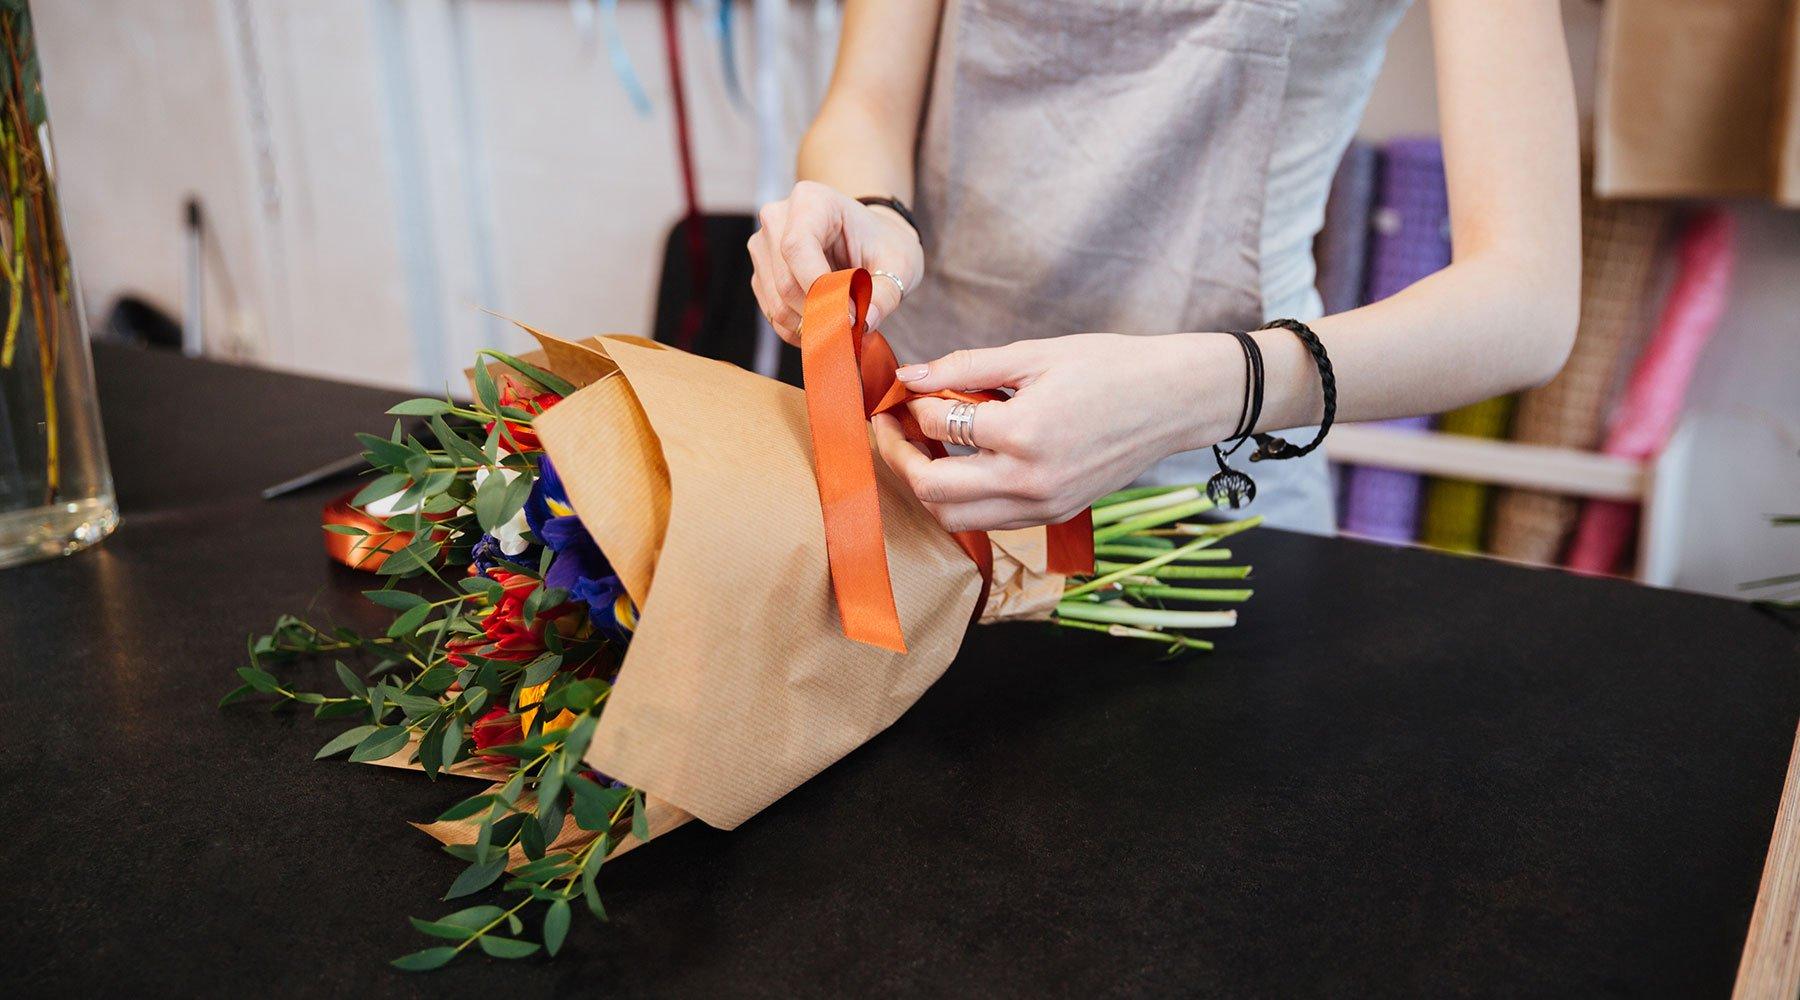 Una fiorista mentre lega un fiocco arancione su un mazzo di fiori di colore blu e rosso, messi sul piano di lavoro nero